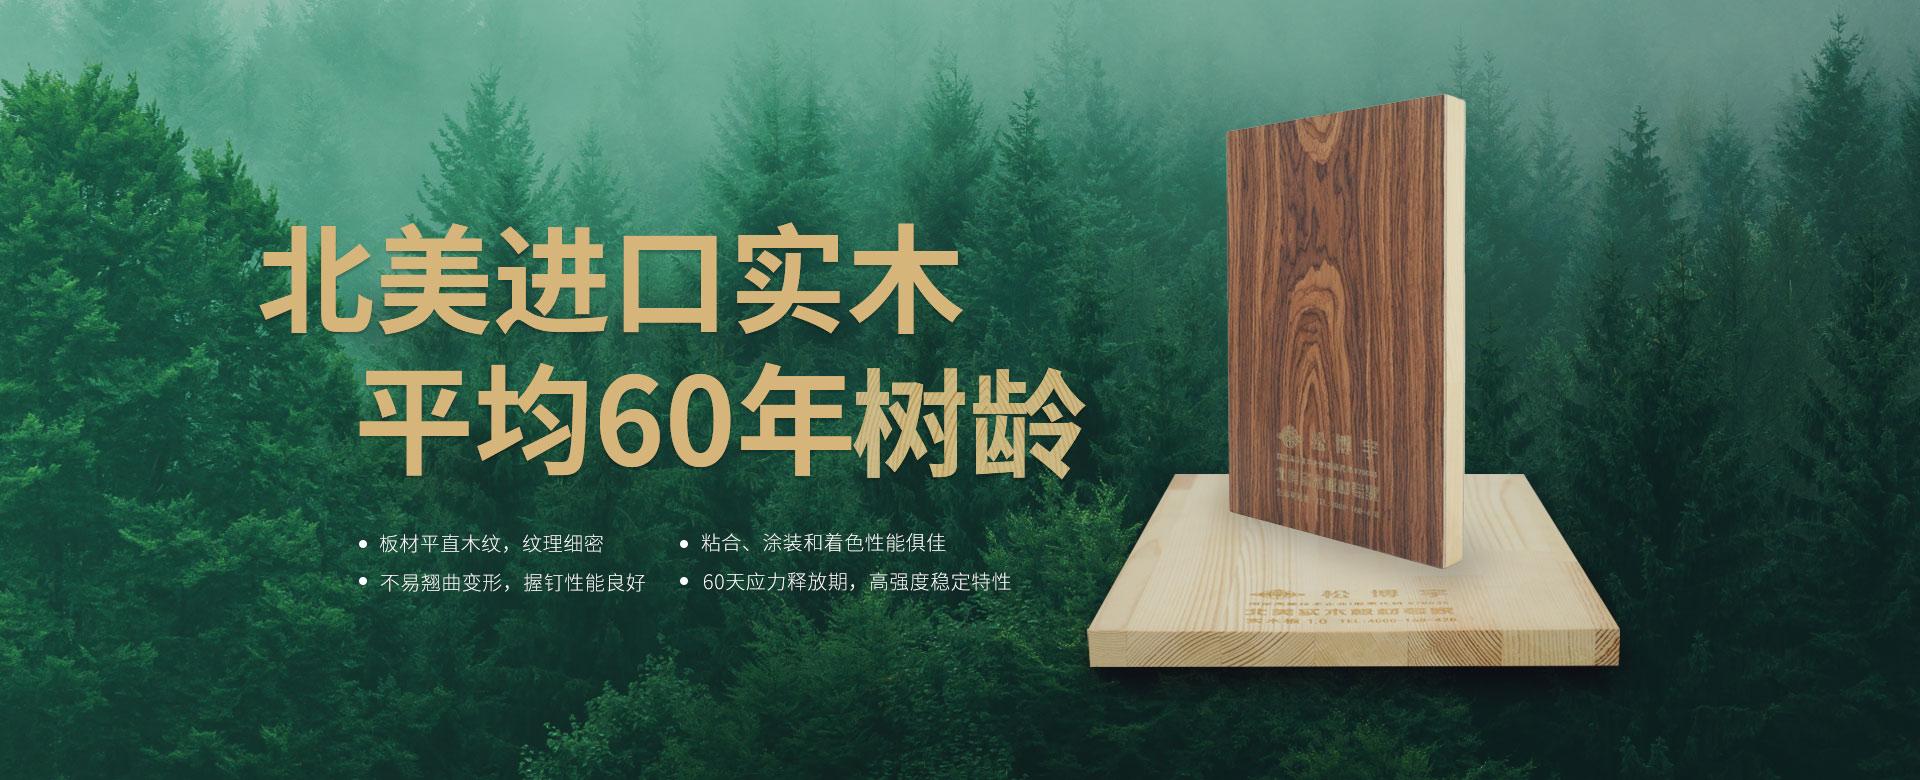 松博宇-北美进口实木,平均60年树龄